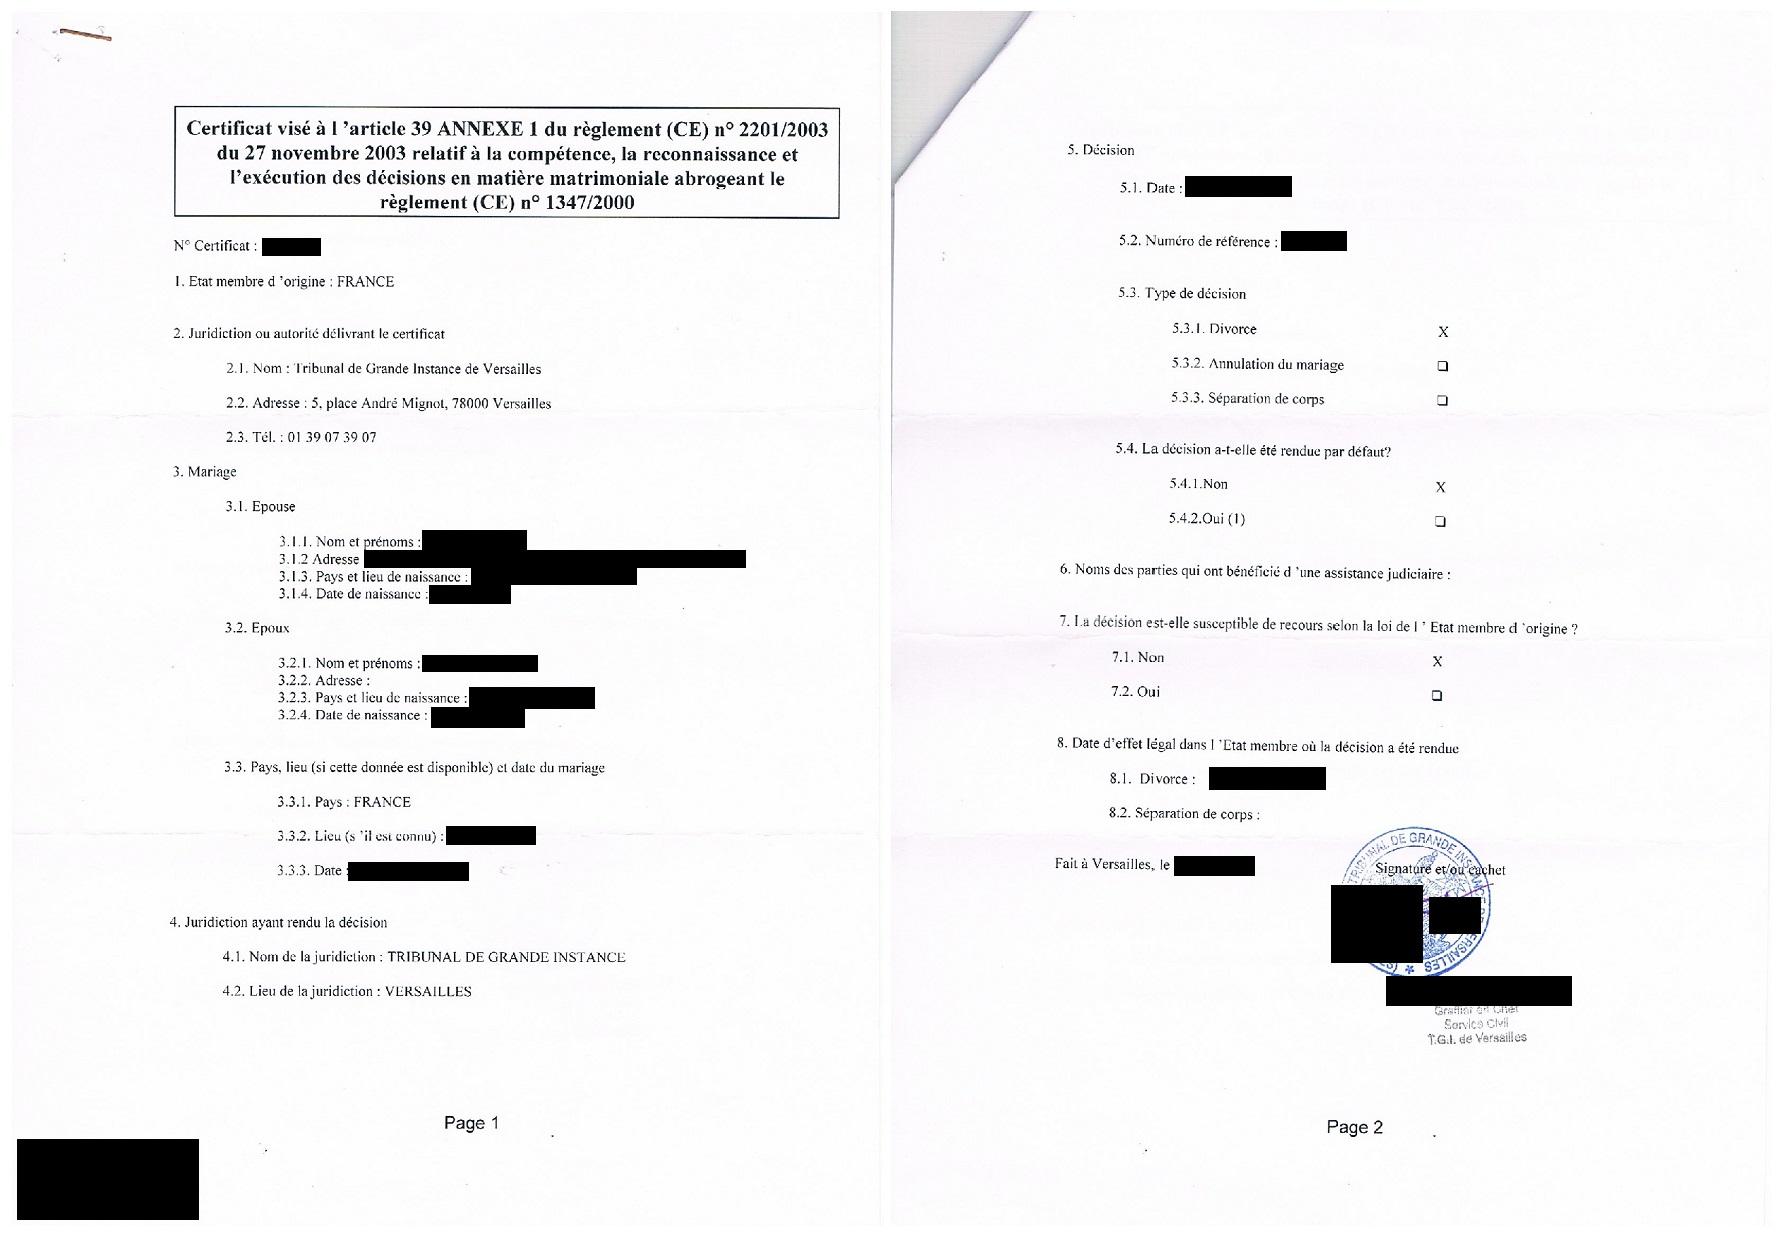 Certificat Visé à L'article 39 Concernant Les Décisions En Matière Matrimoniale (règlement Bruxelles IIbis)